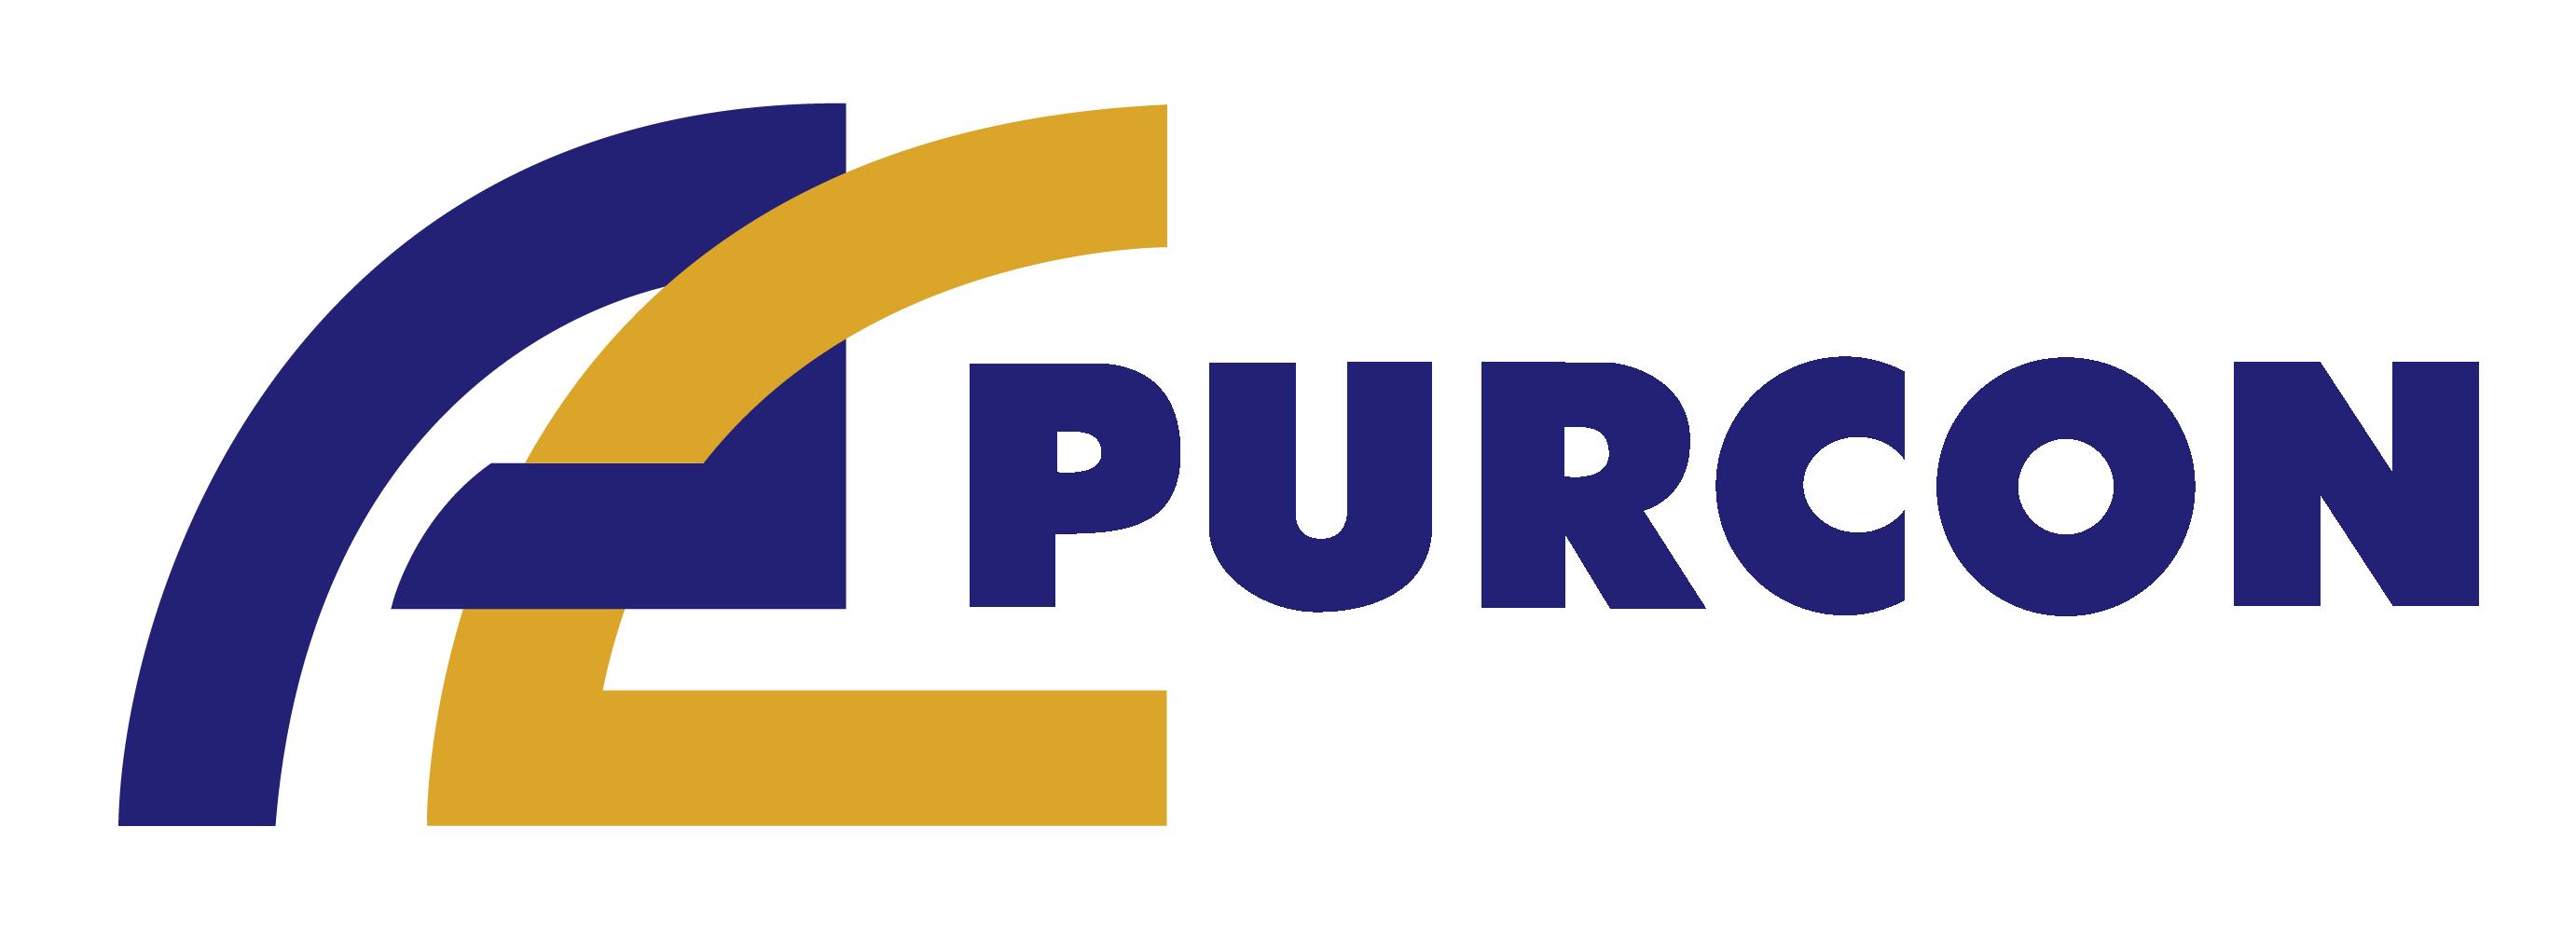 Purcon_logo-color-RGB_Artboard 1